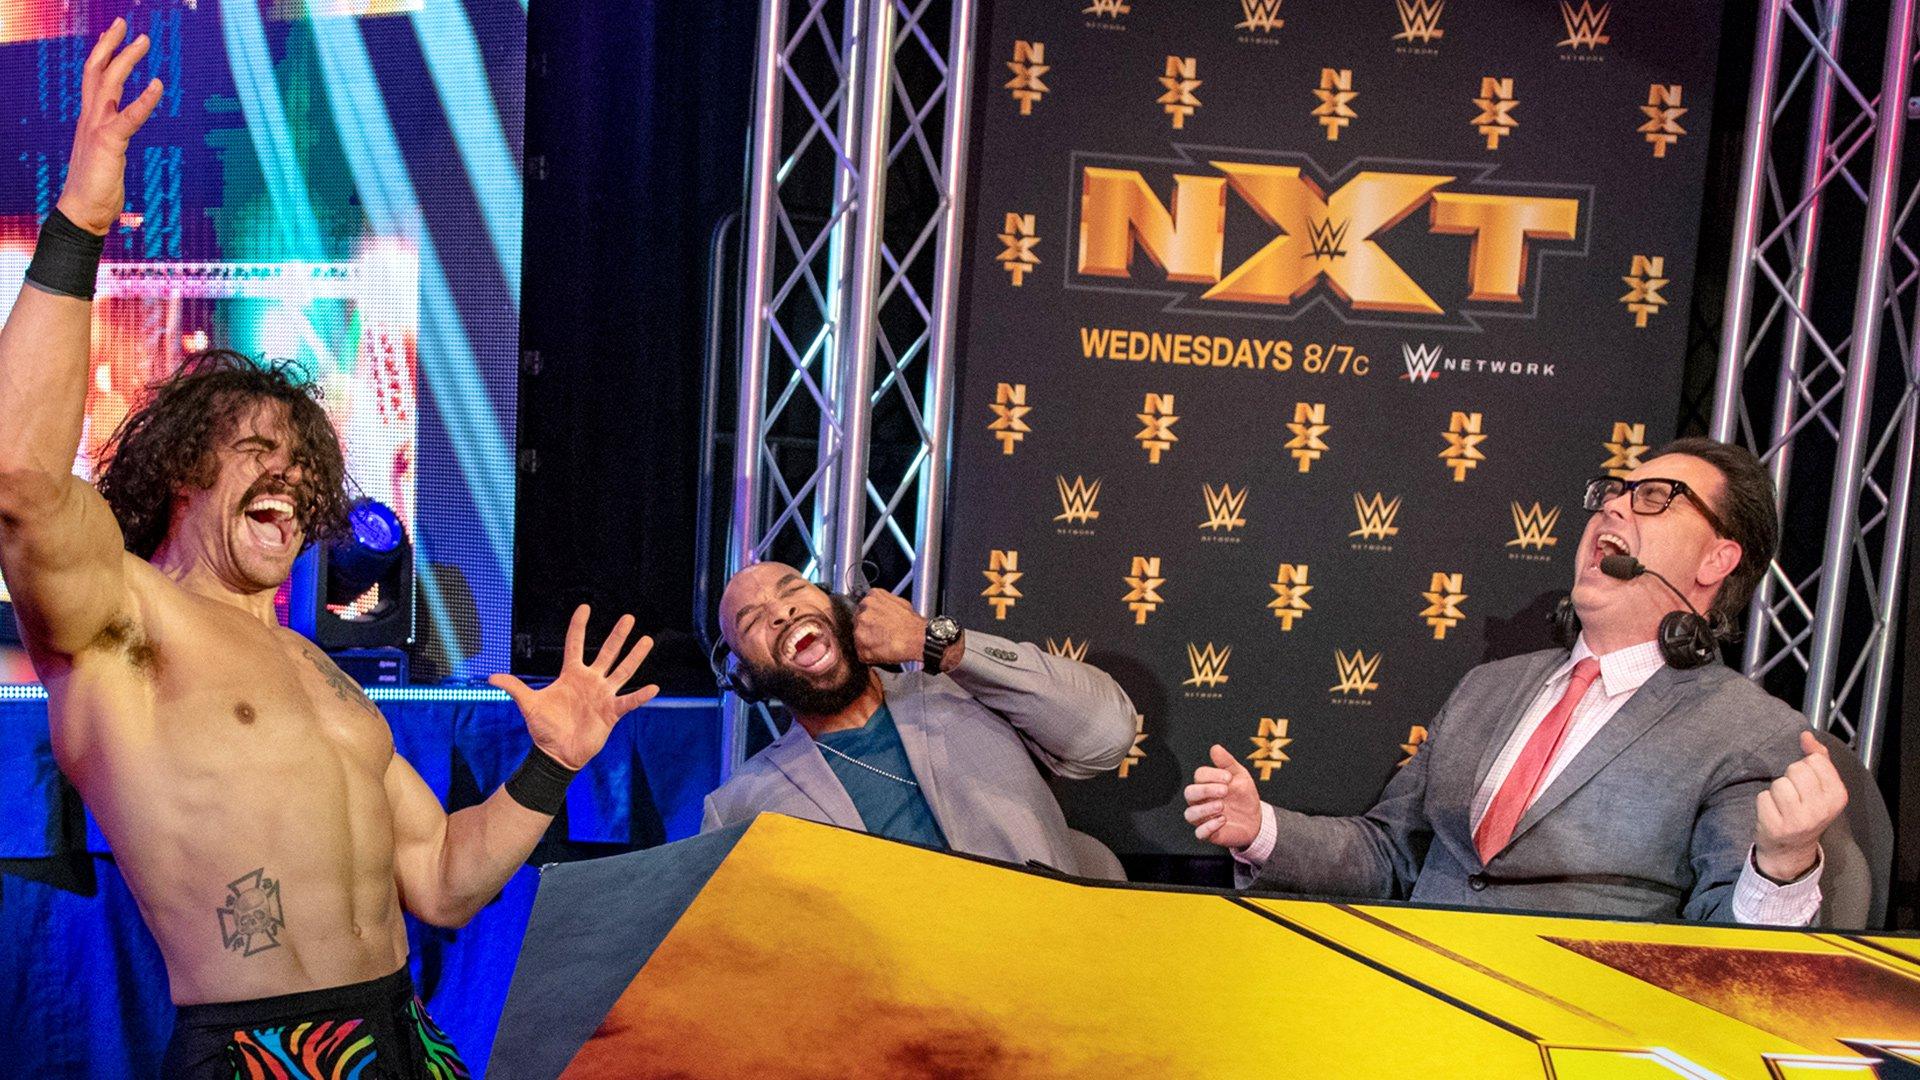 Eric Bugenhagen fait le show avec les commentateurs NXT: Exclusivité WWE.fr, 6 Mars 2019